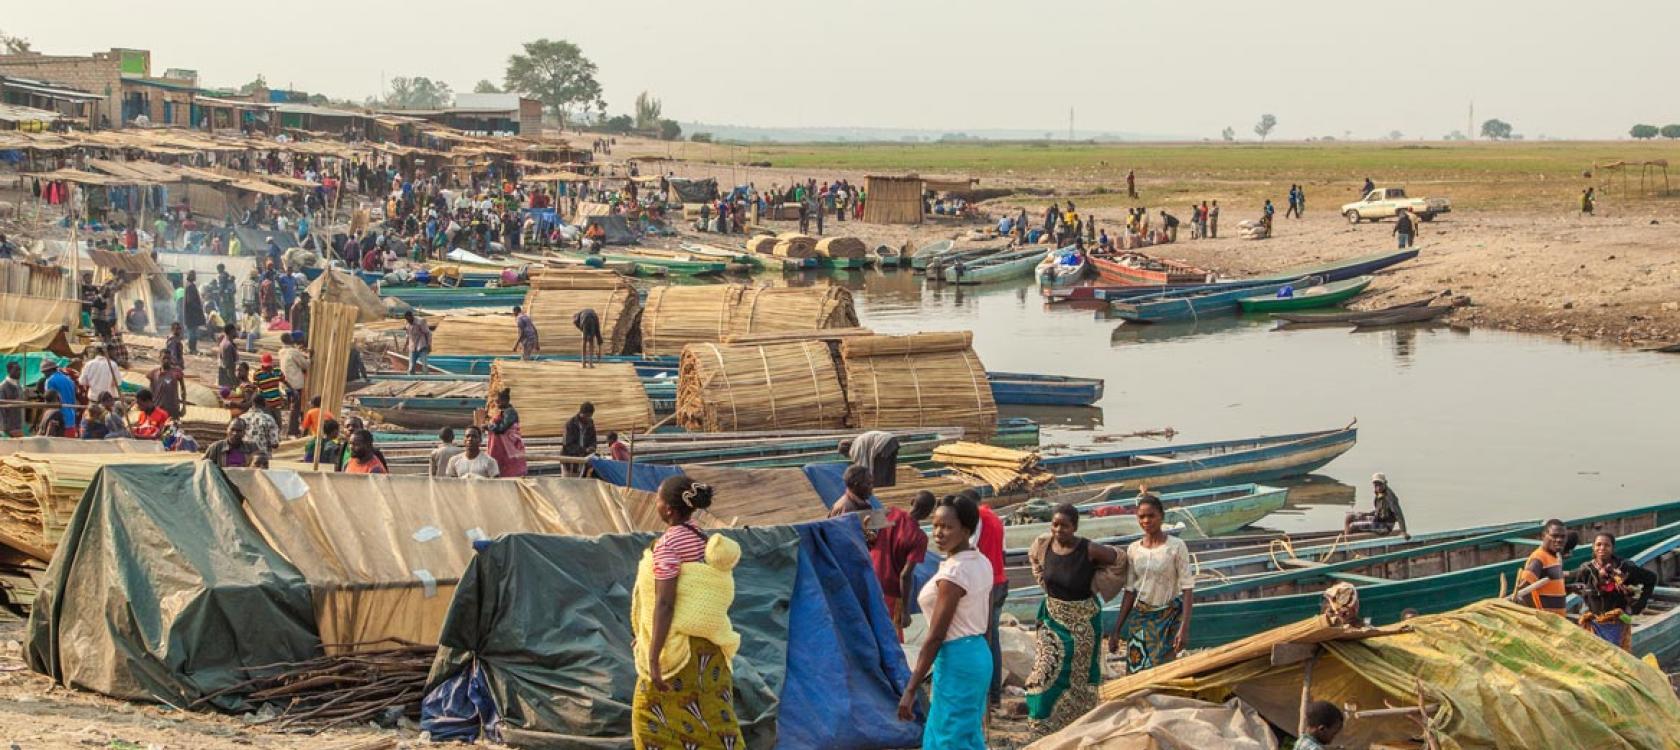 Mongu market, Zambia